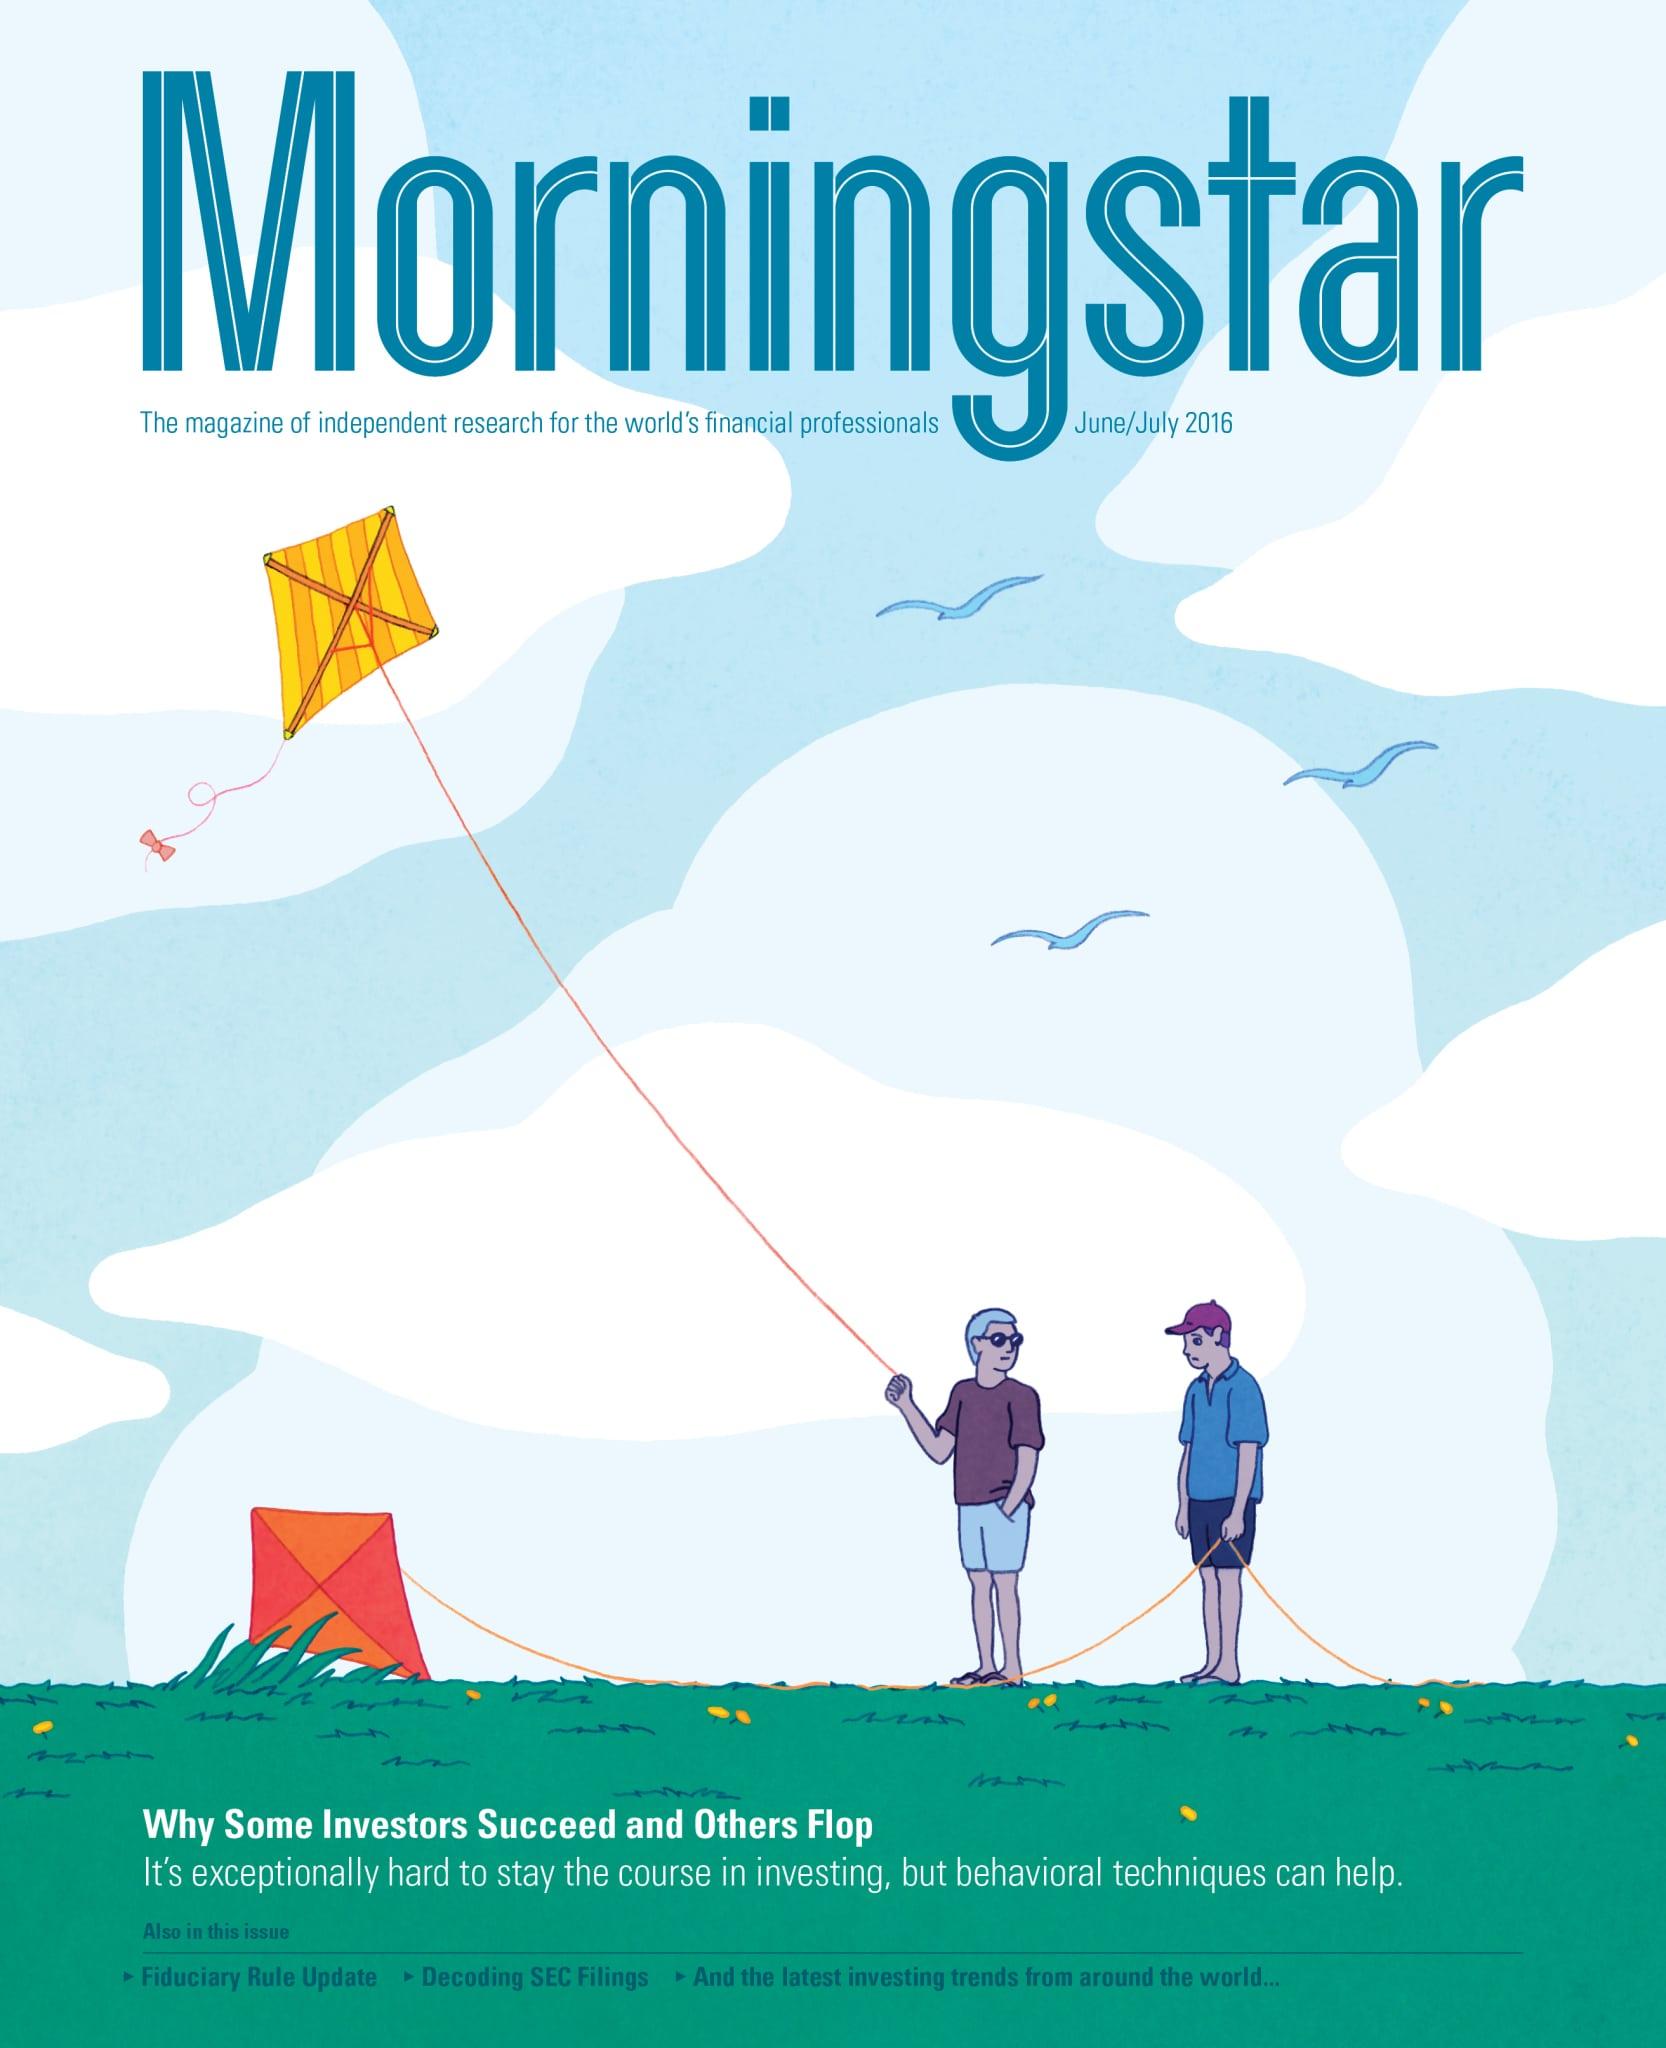 MORNINGSTAR_B2B_Use of Illustration